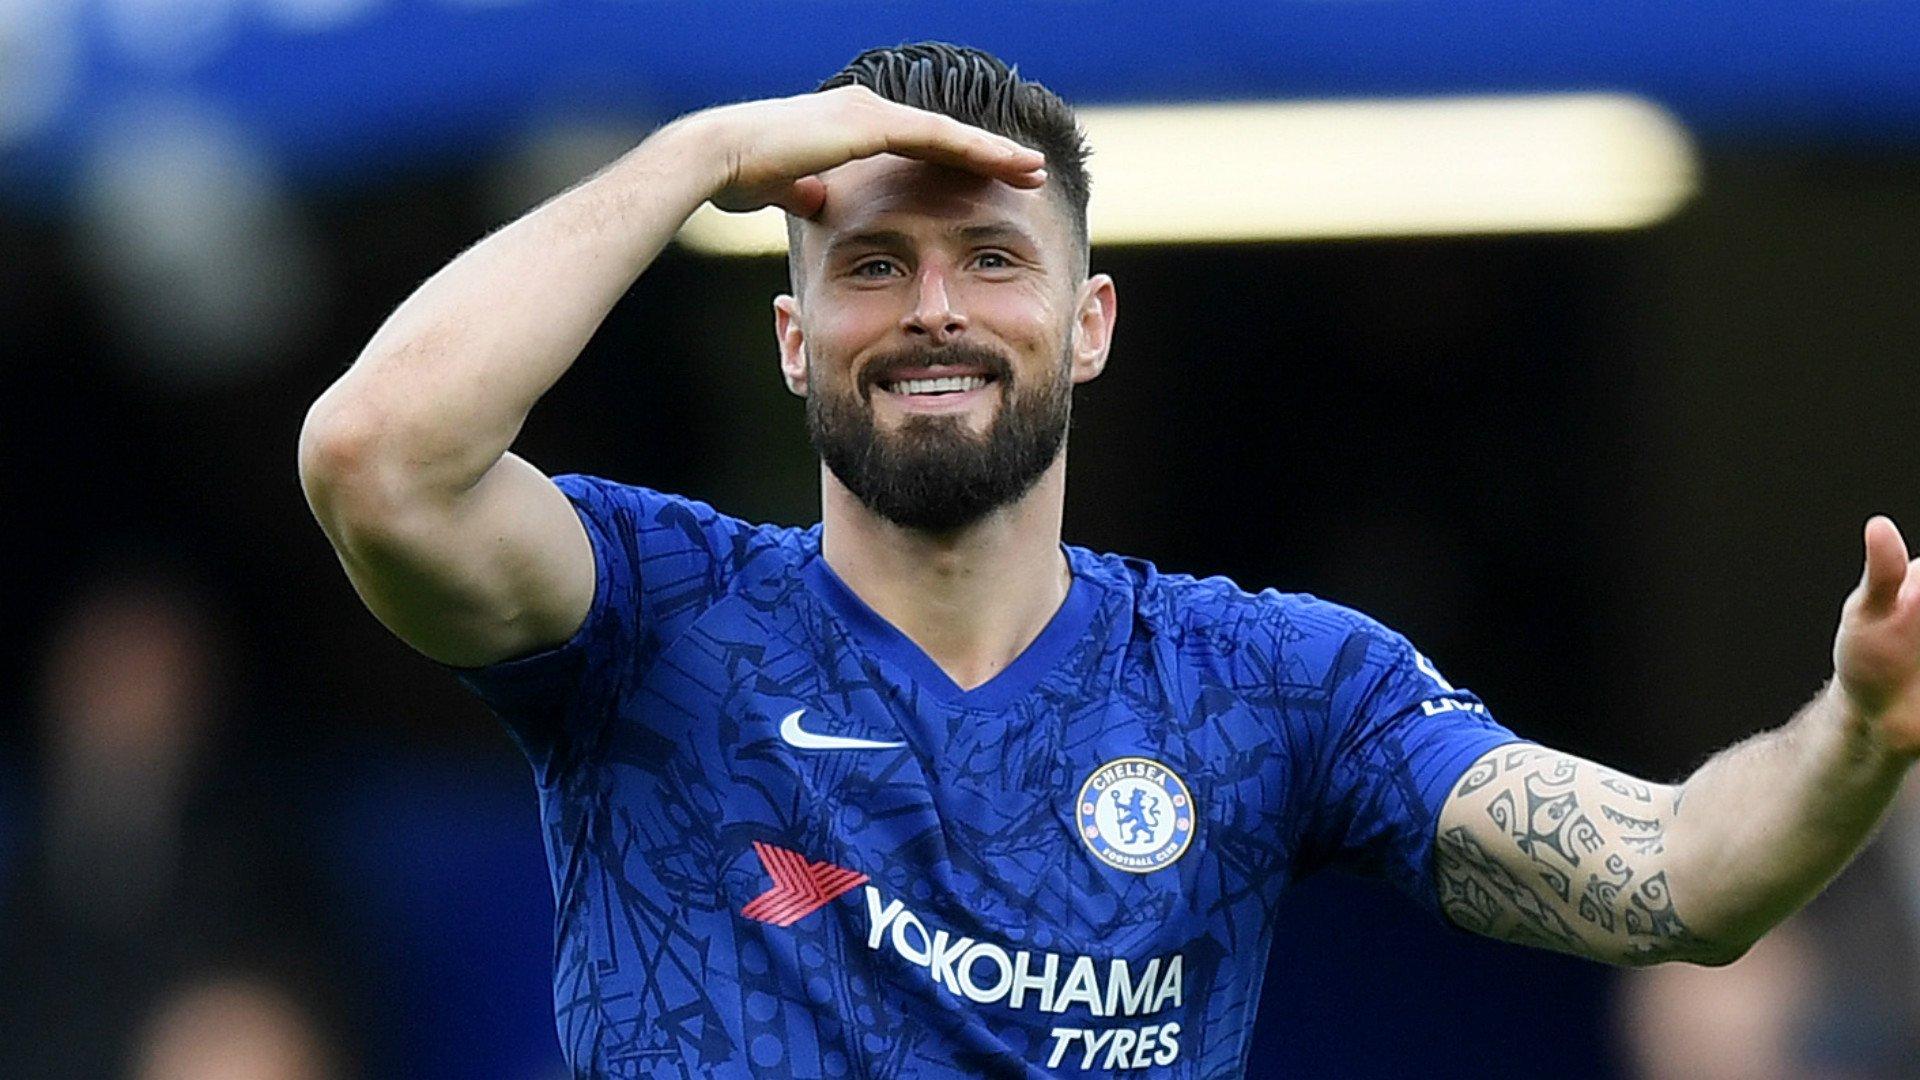 Giroud may still leave chelsea - Bóng Đá